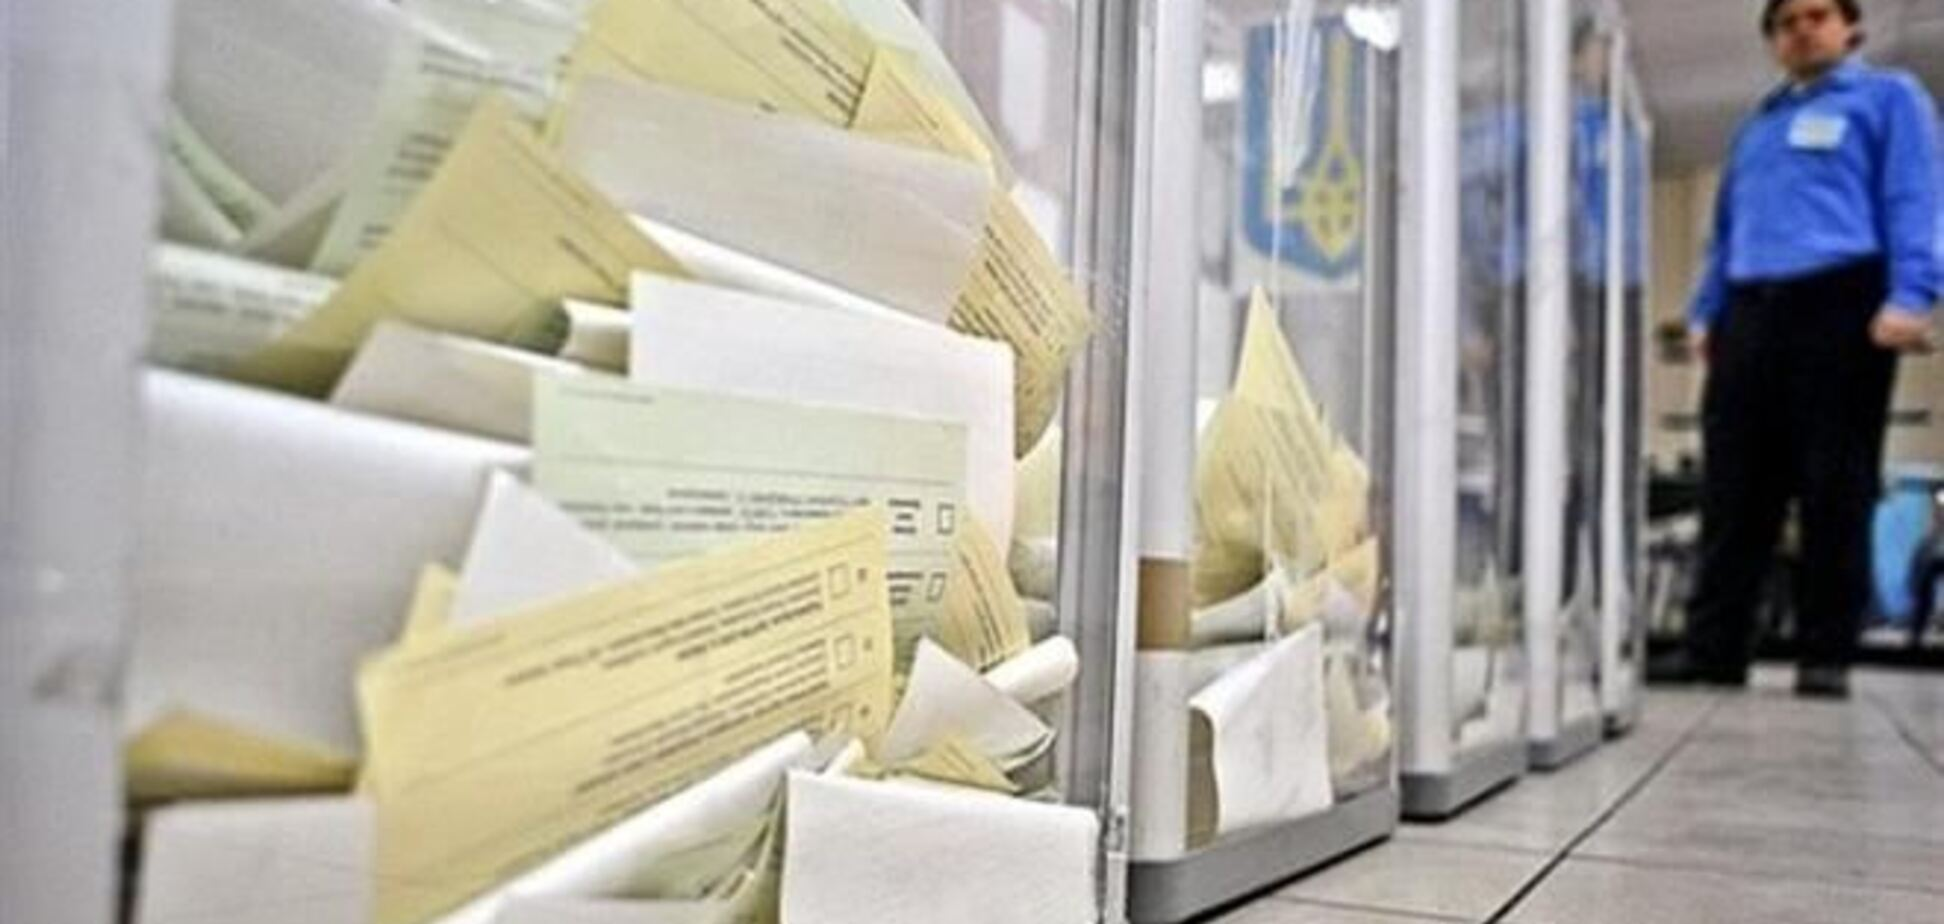 ЦВК відправив на доопрацювання протокол про результати голосування на окрузі № 223